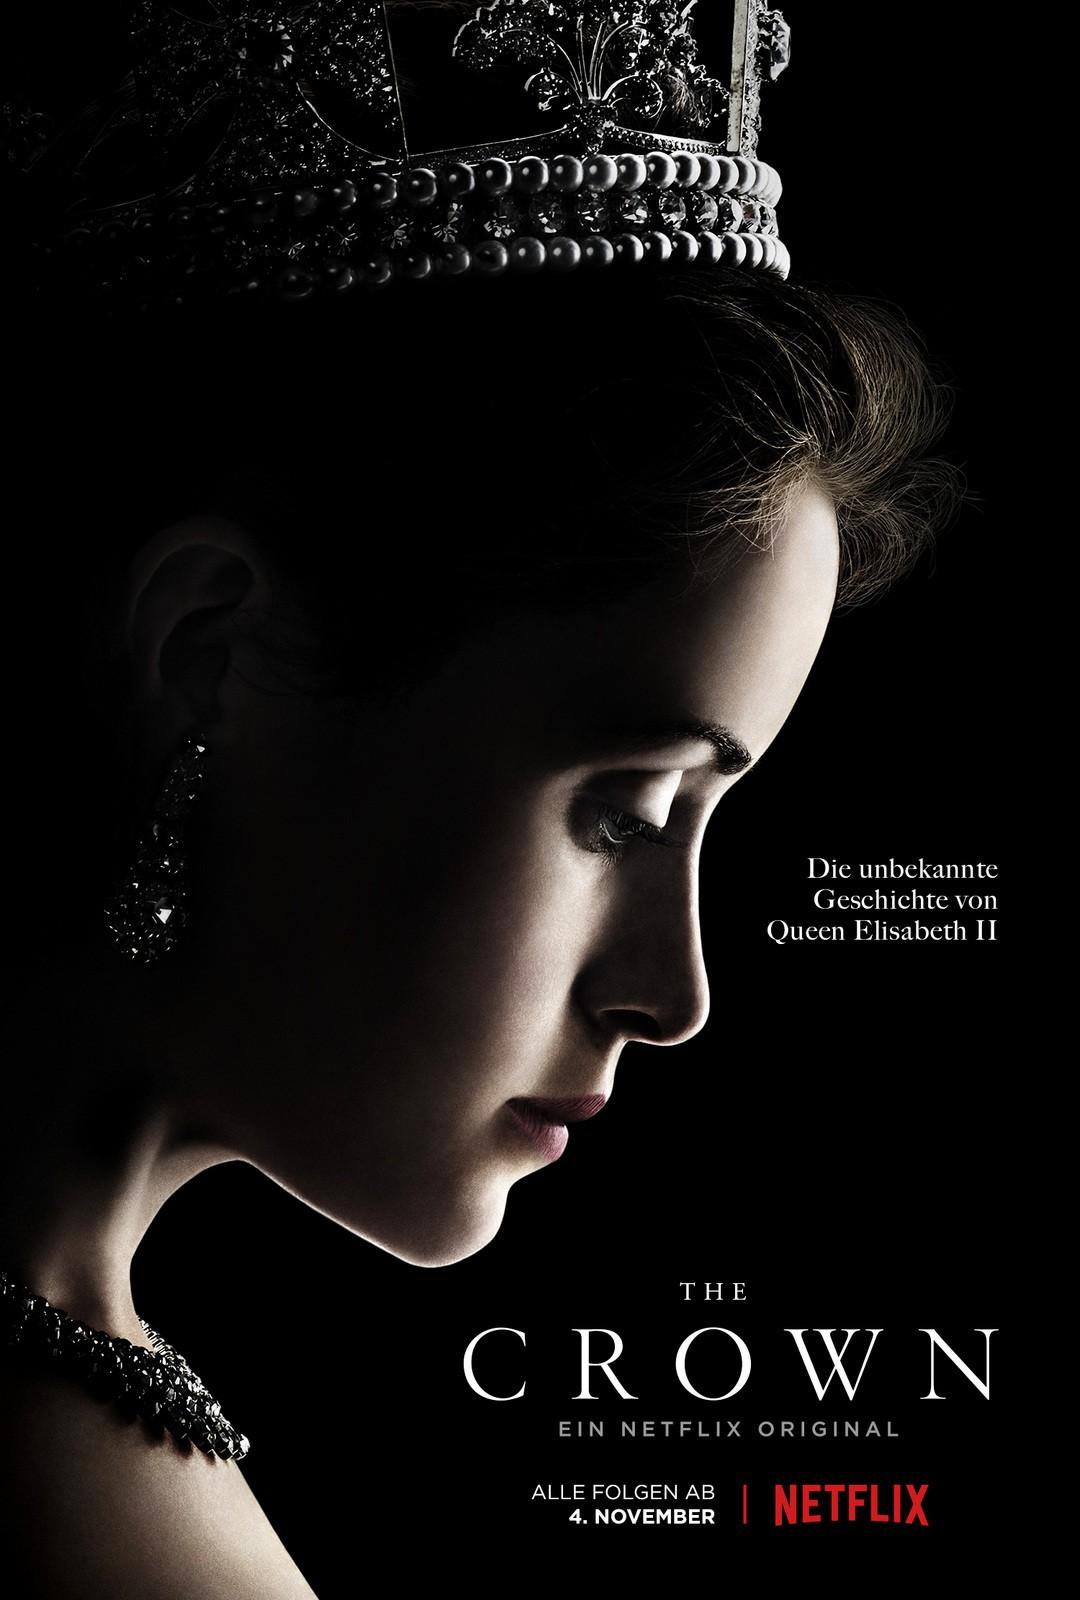 The Crown: erster Blick hinter die Kulissen der neuen Netflix-Serie - Bild 7 von 7